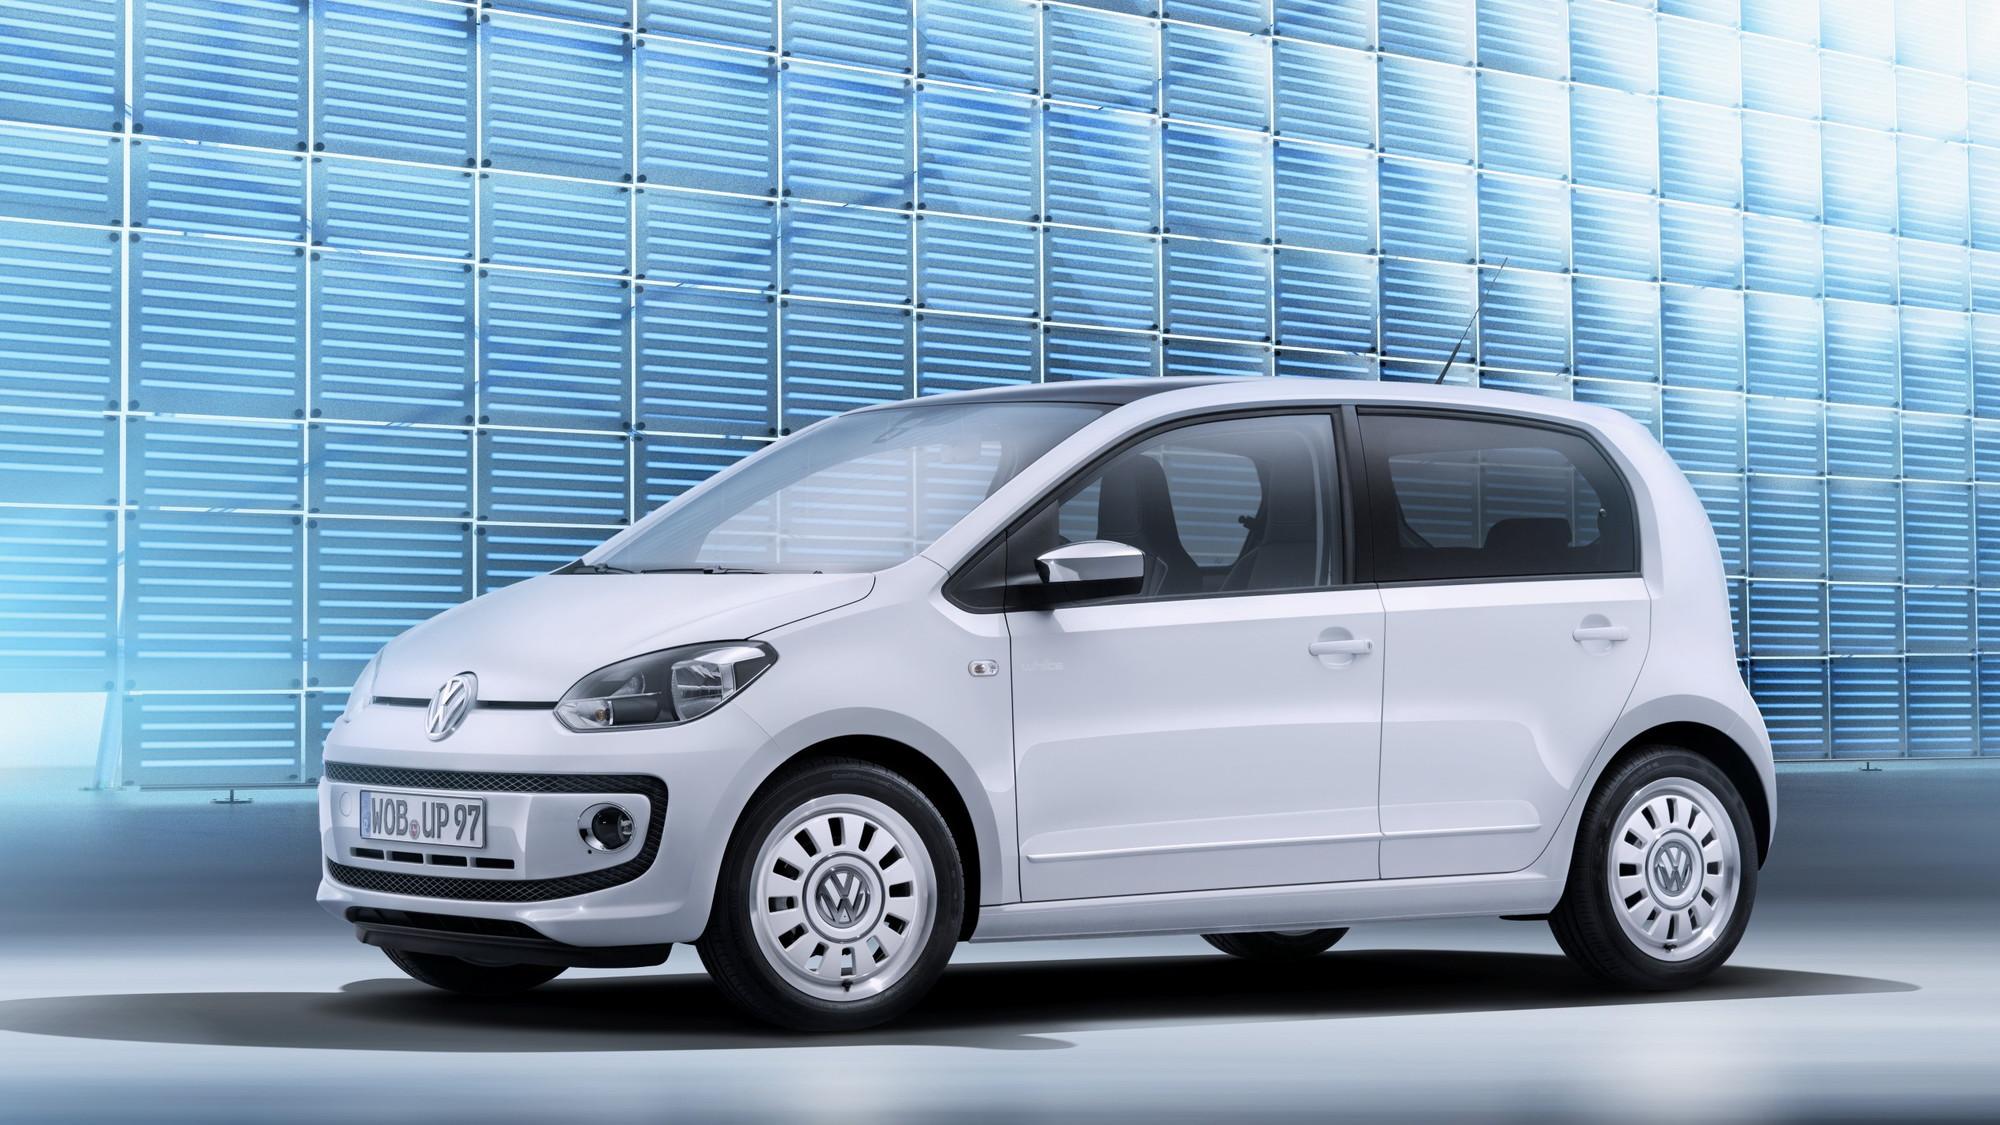 Volkswagen up! five-door